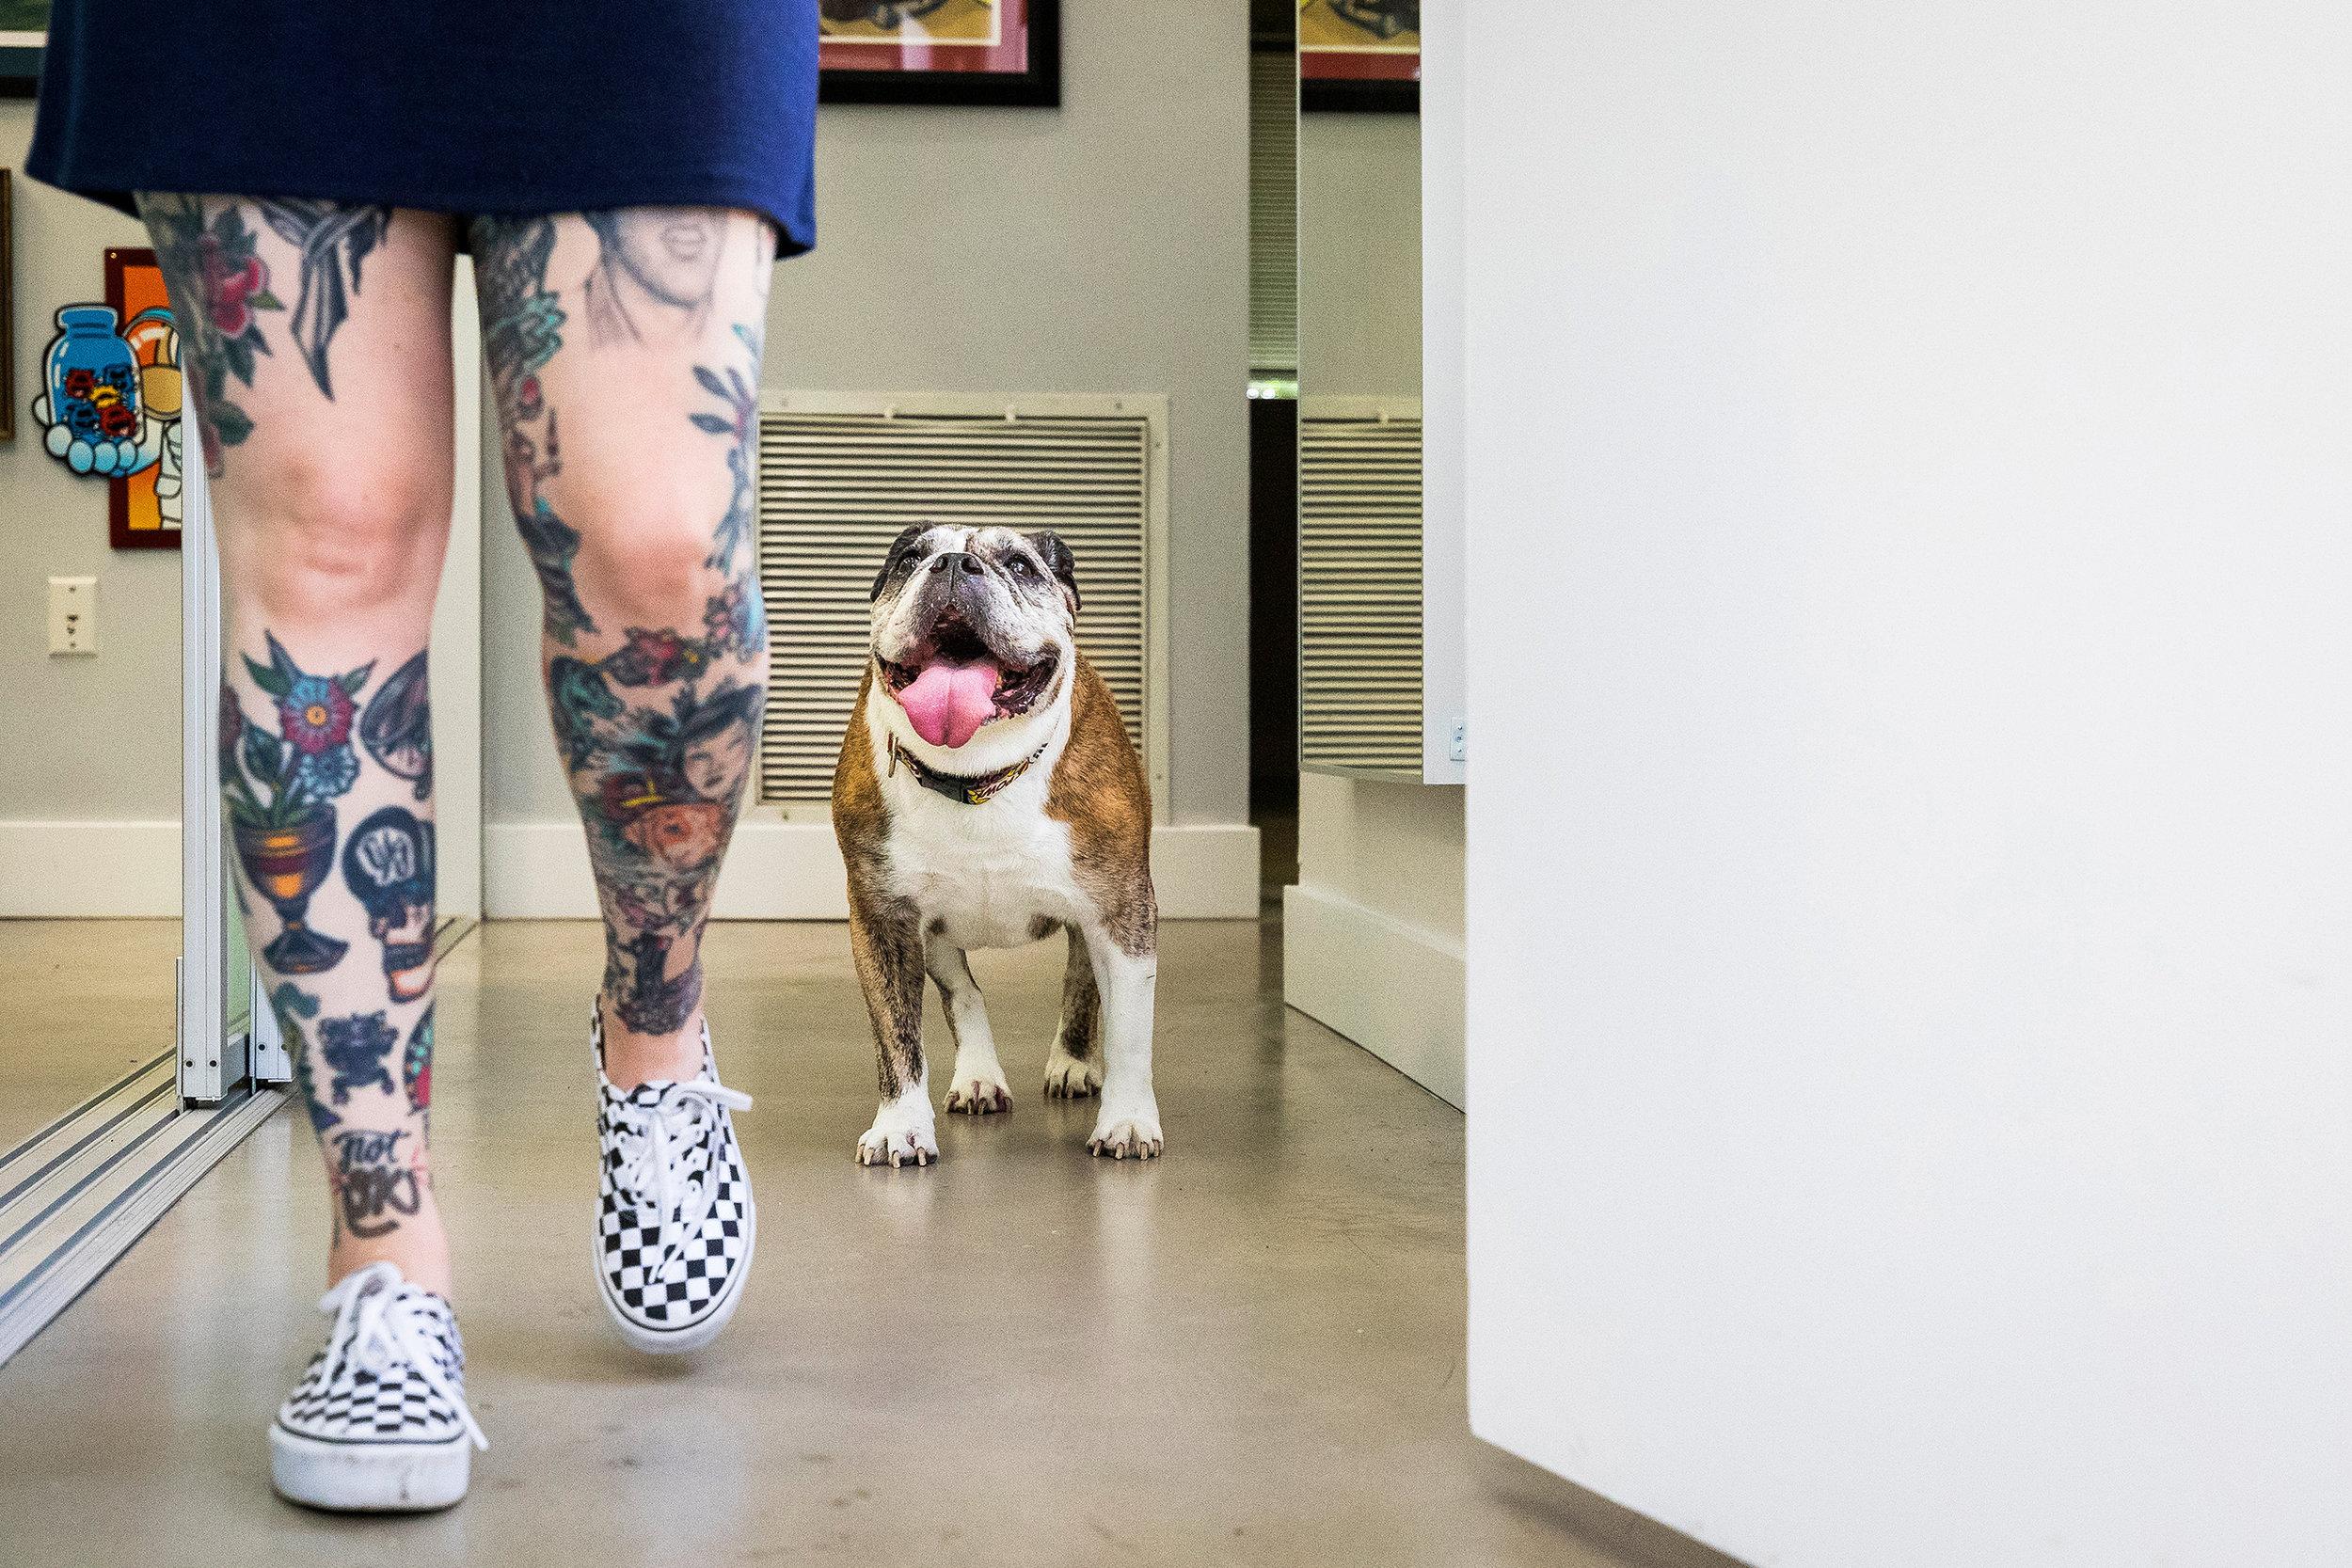 Bulldog in Fort Lauderdale